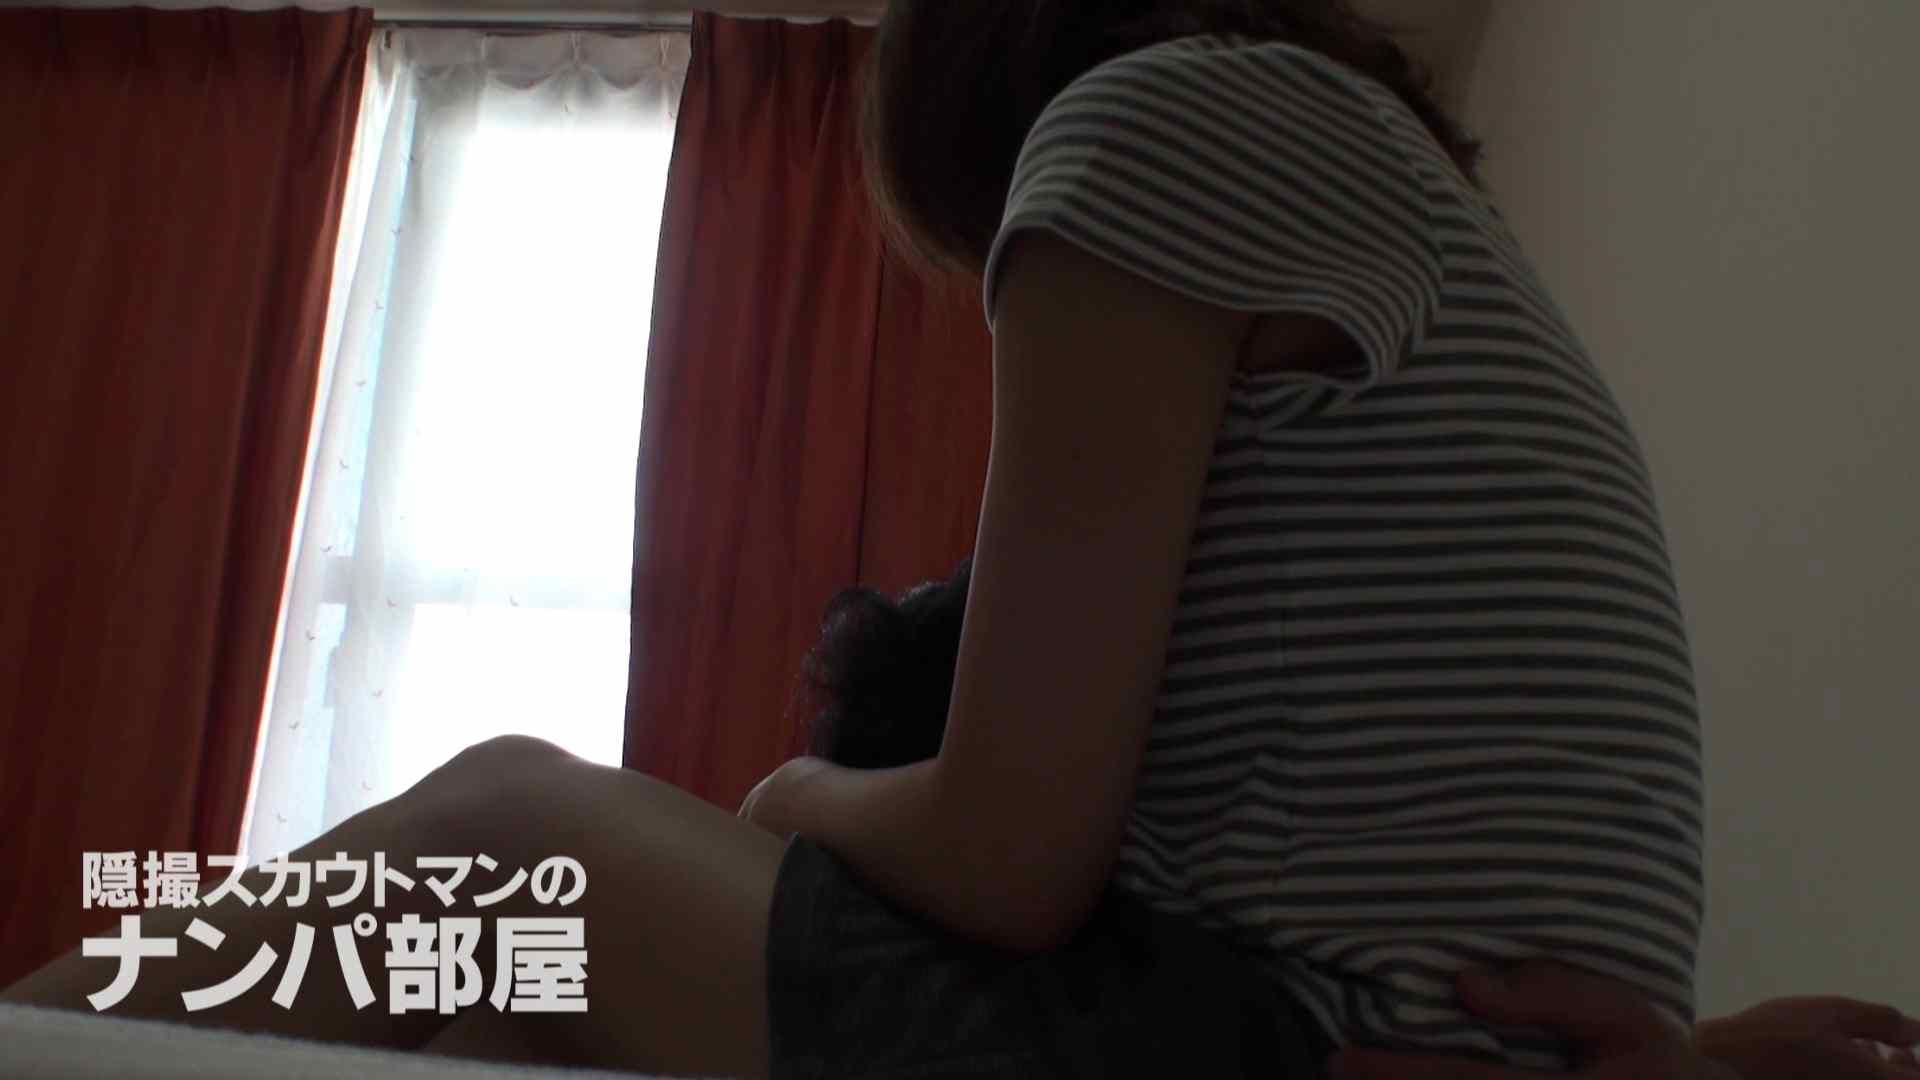 隠撮スカウトマンのナンパ部屋~風俗デビュー前のつまみ食い~ siivol.3 エッチなOL  74pic 48